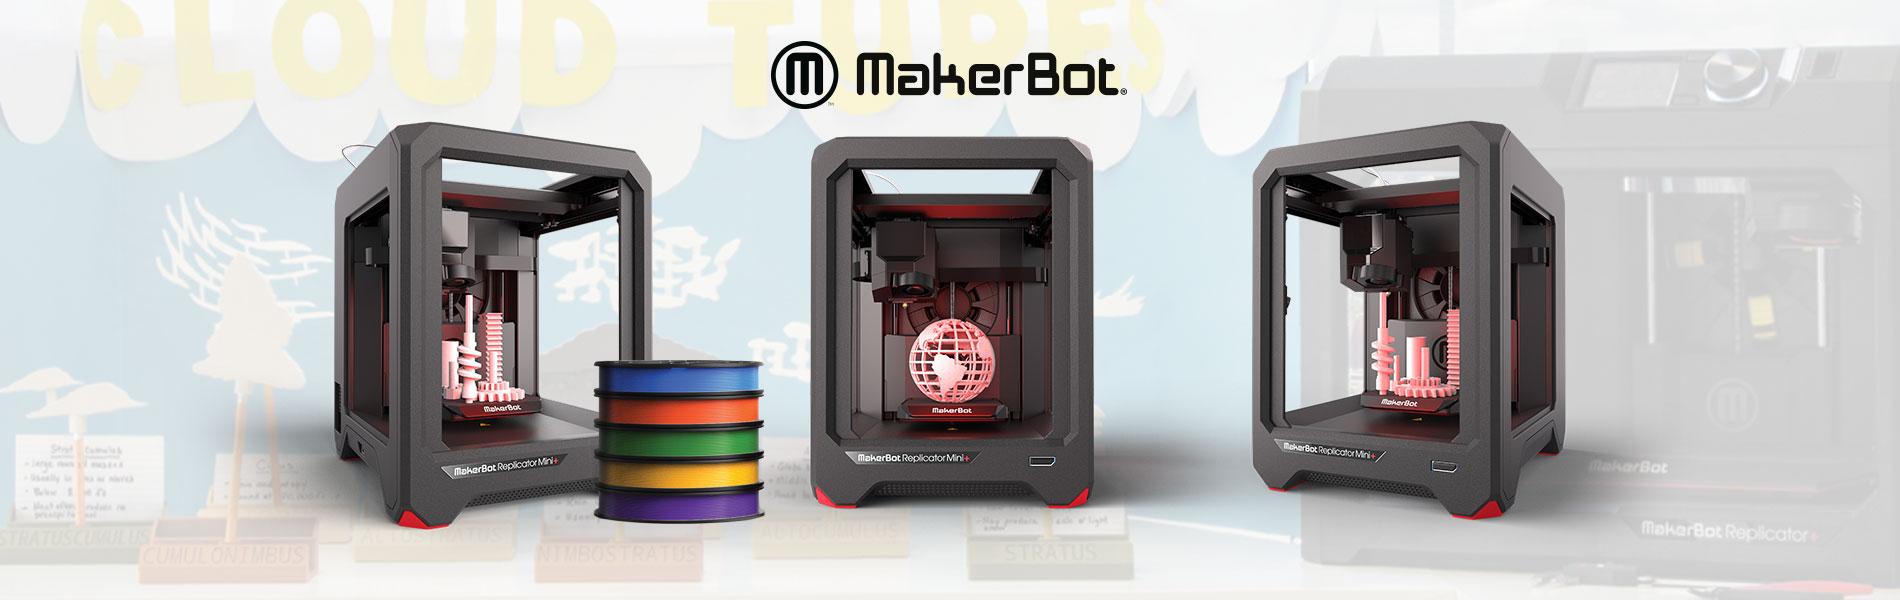 MakerBot Replicator Mini+ – Ihr Einstieg in den semi-professionellen 3D Druck